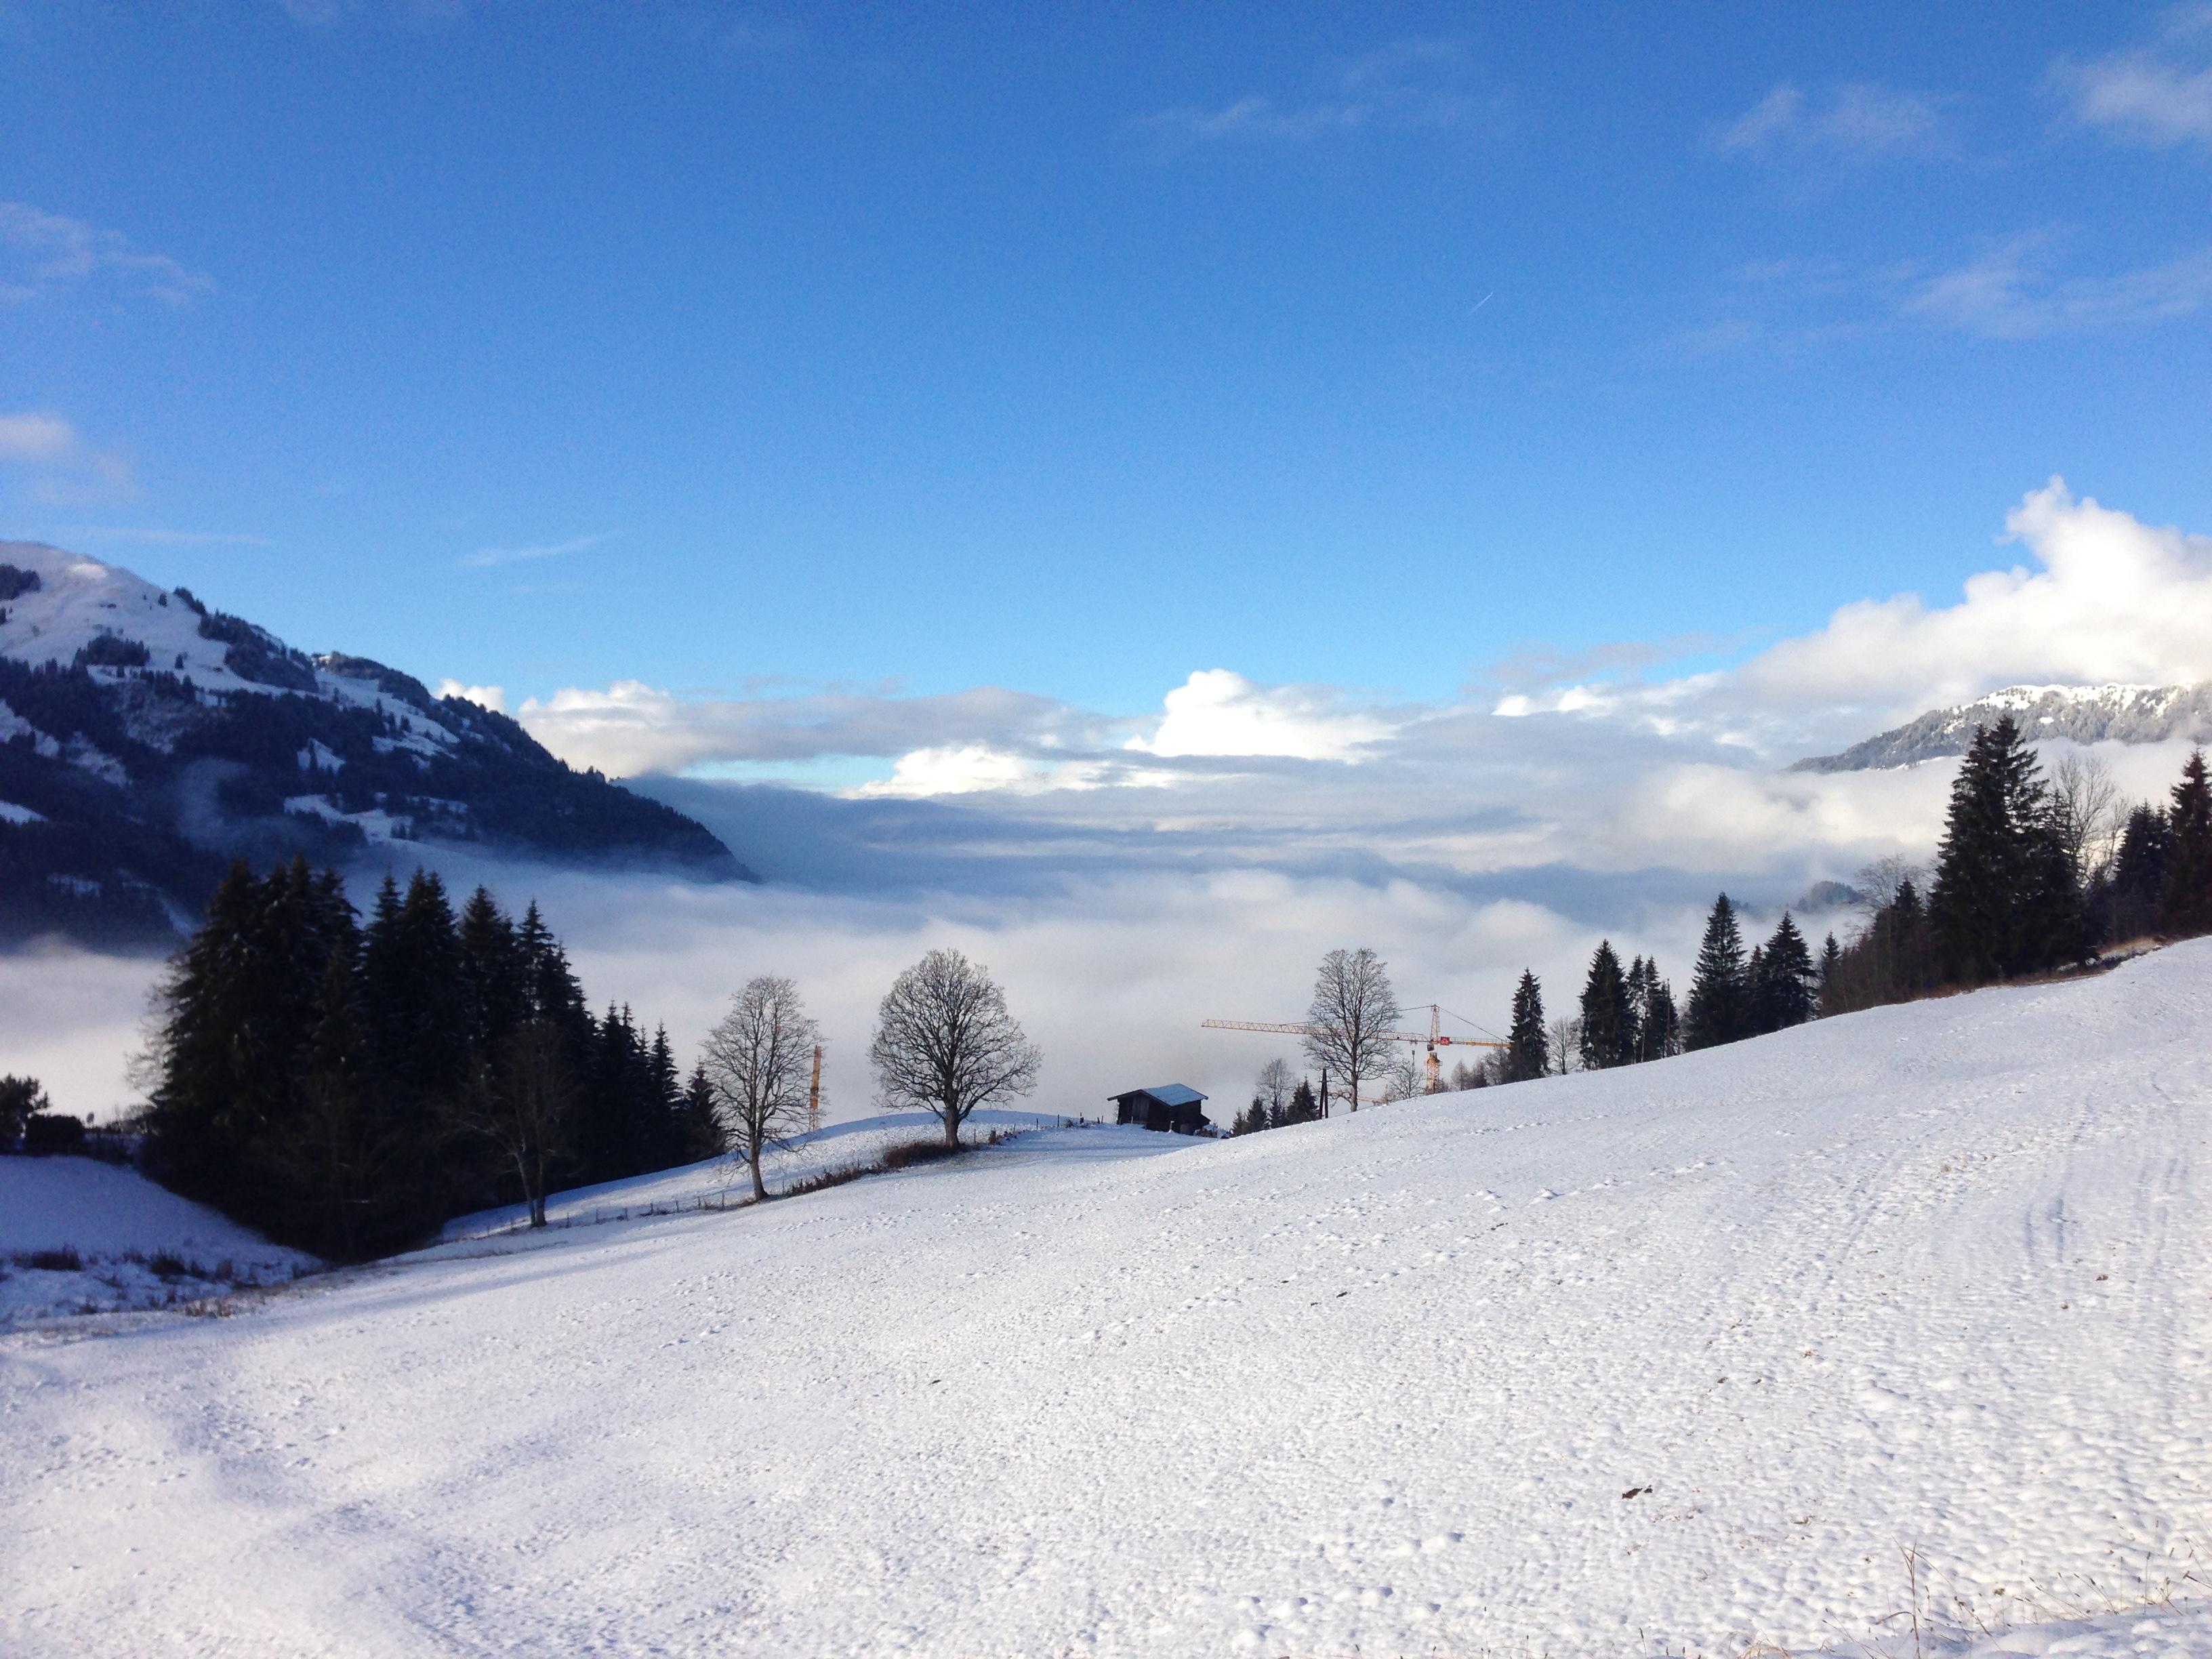 noch liegt der Wilde Kaiser im Nebel bei Blick von dem Anwesen in der Kochau/Aurach